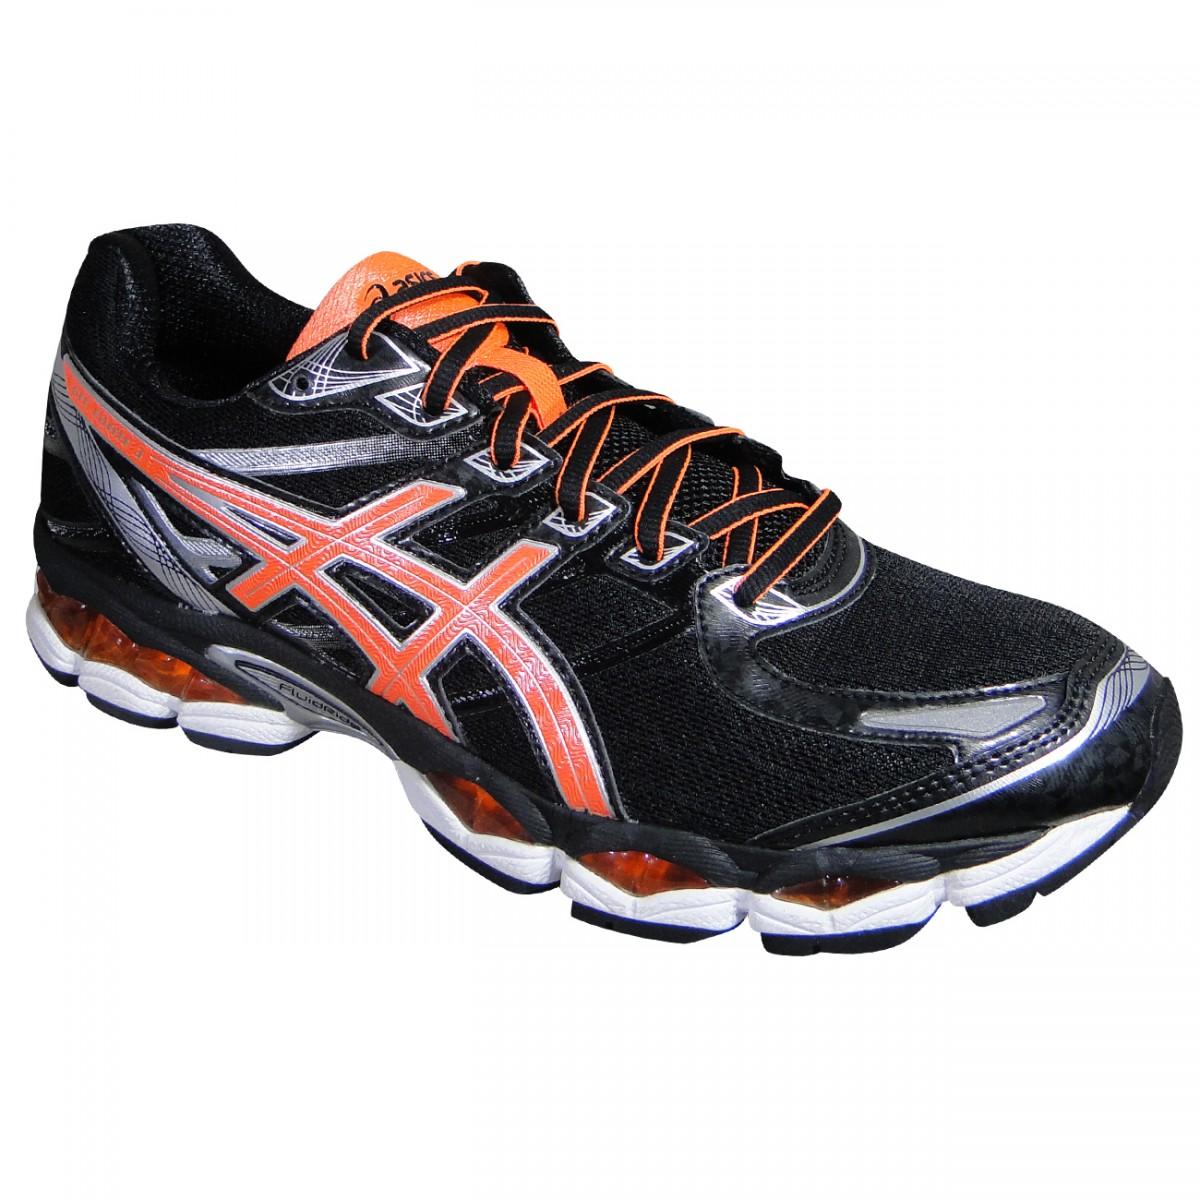 1f6ce87306 Tenis Asics Gel-Evate 3 T516N 9030 - Preto/Laranja/Prata - Chuteira Nike,  Adidas. Sandalias Femininas. Sandy Calçados